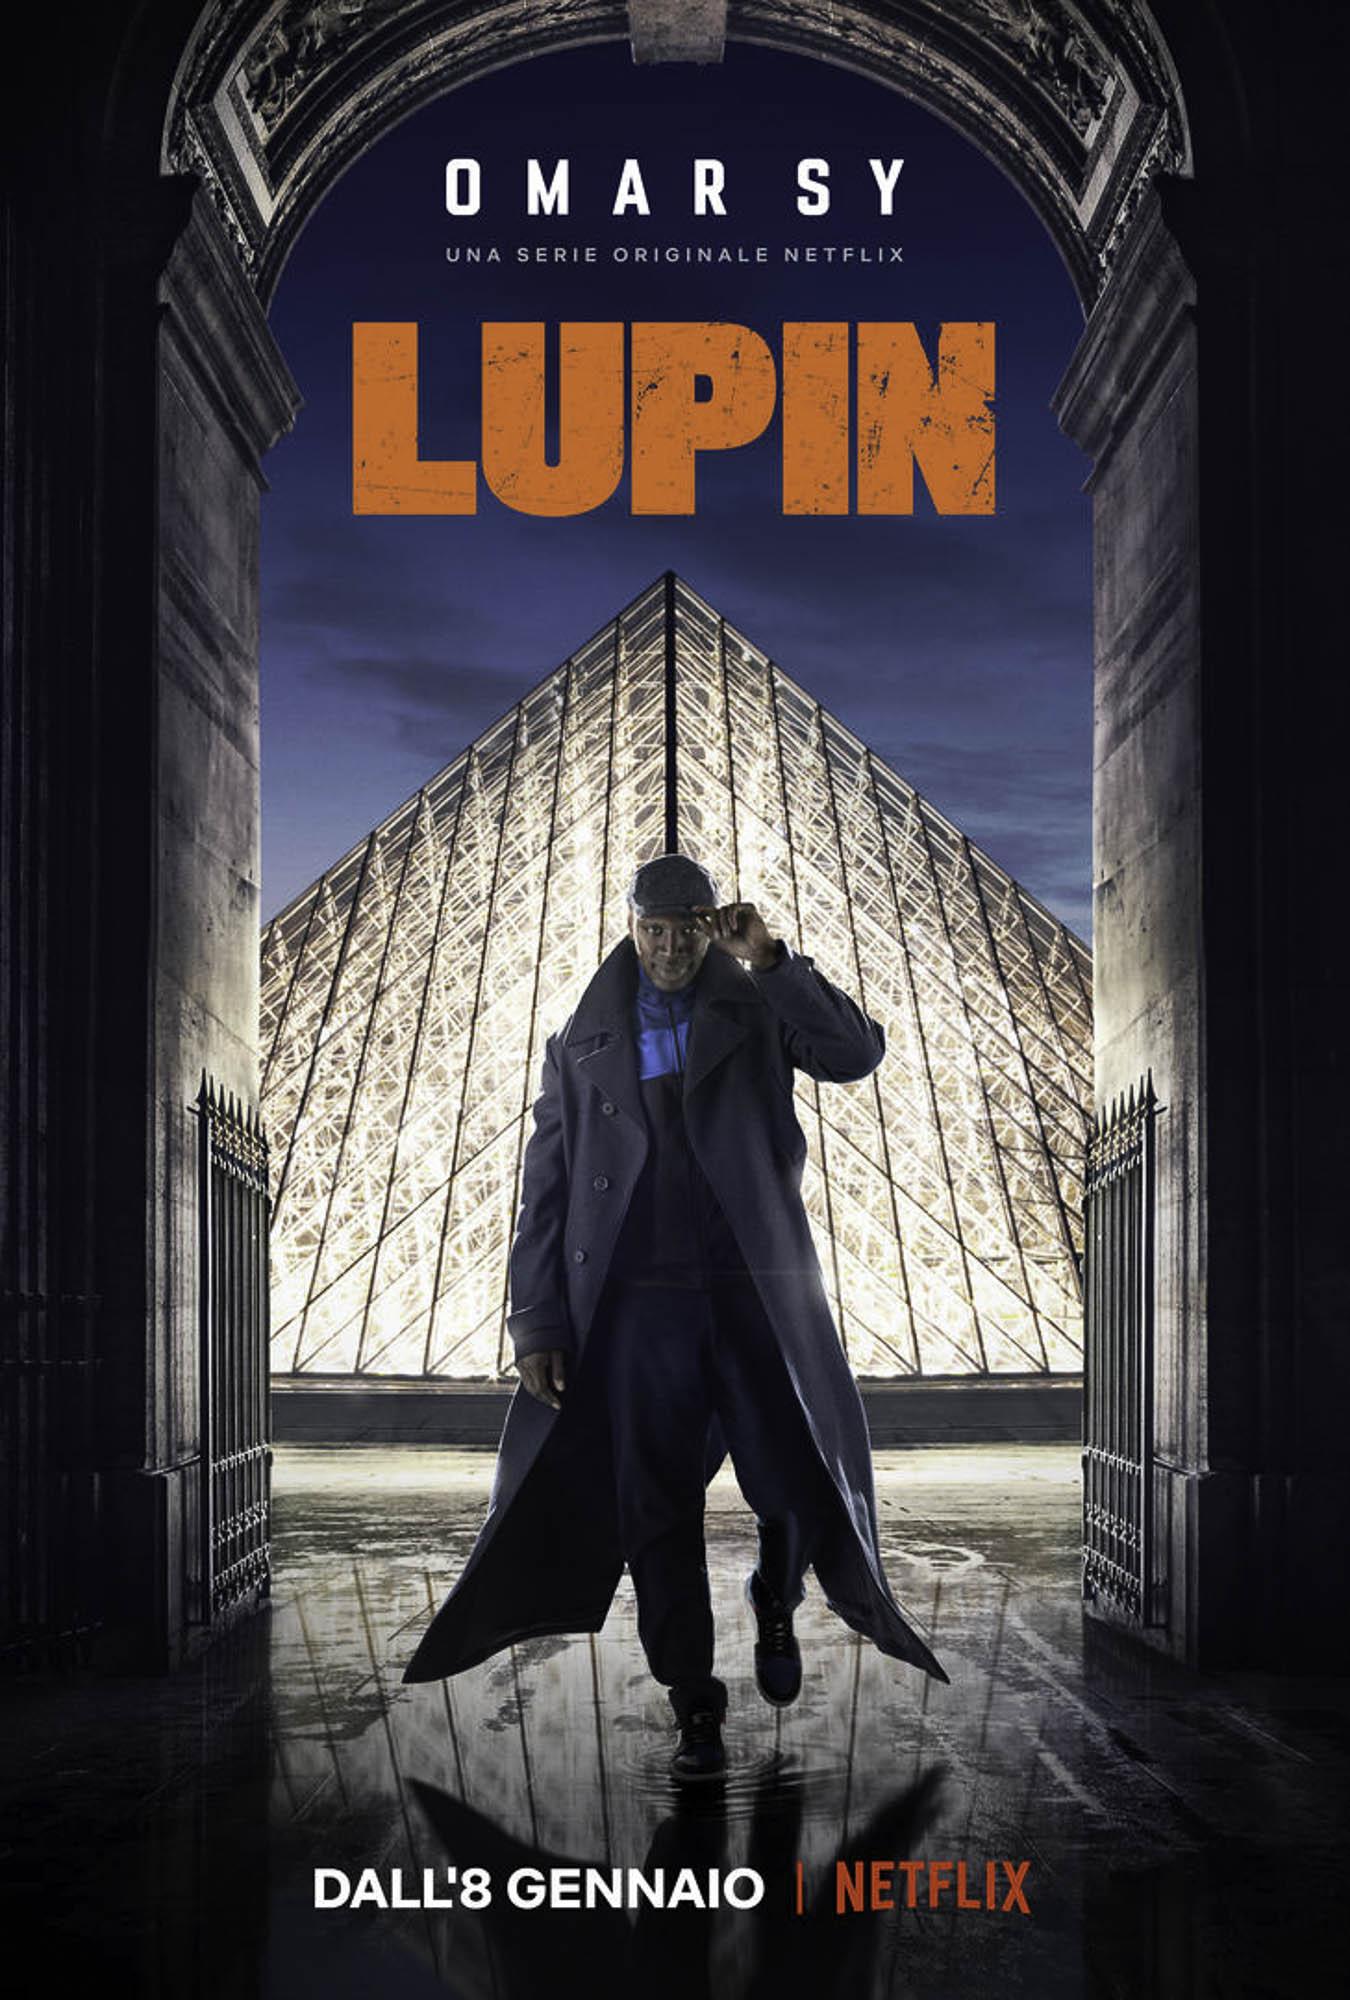 Lupin serie TV Netflix: ecco il trailer e la locandina con Omar Sy •  FotoNerd